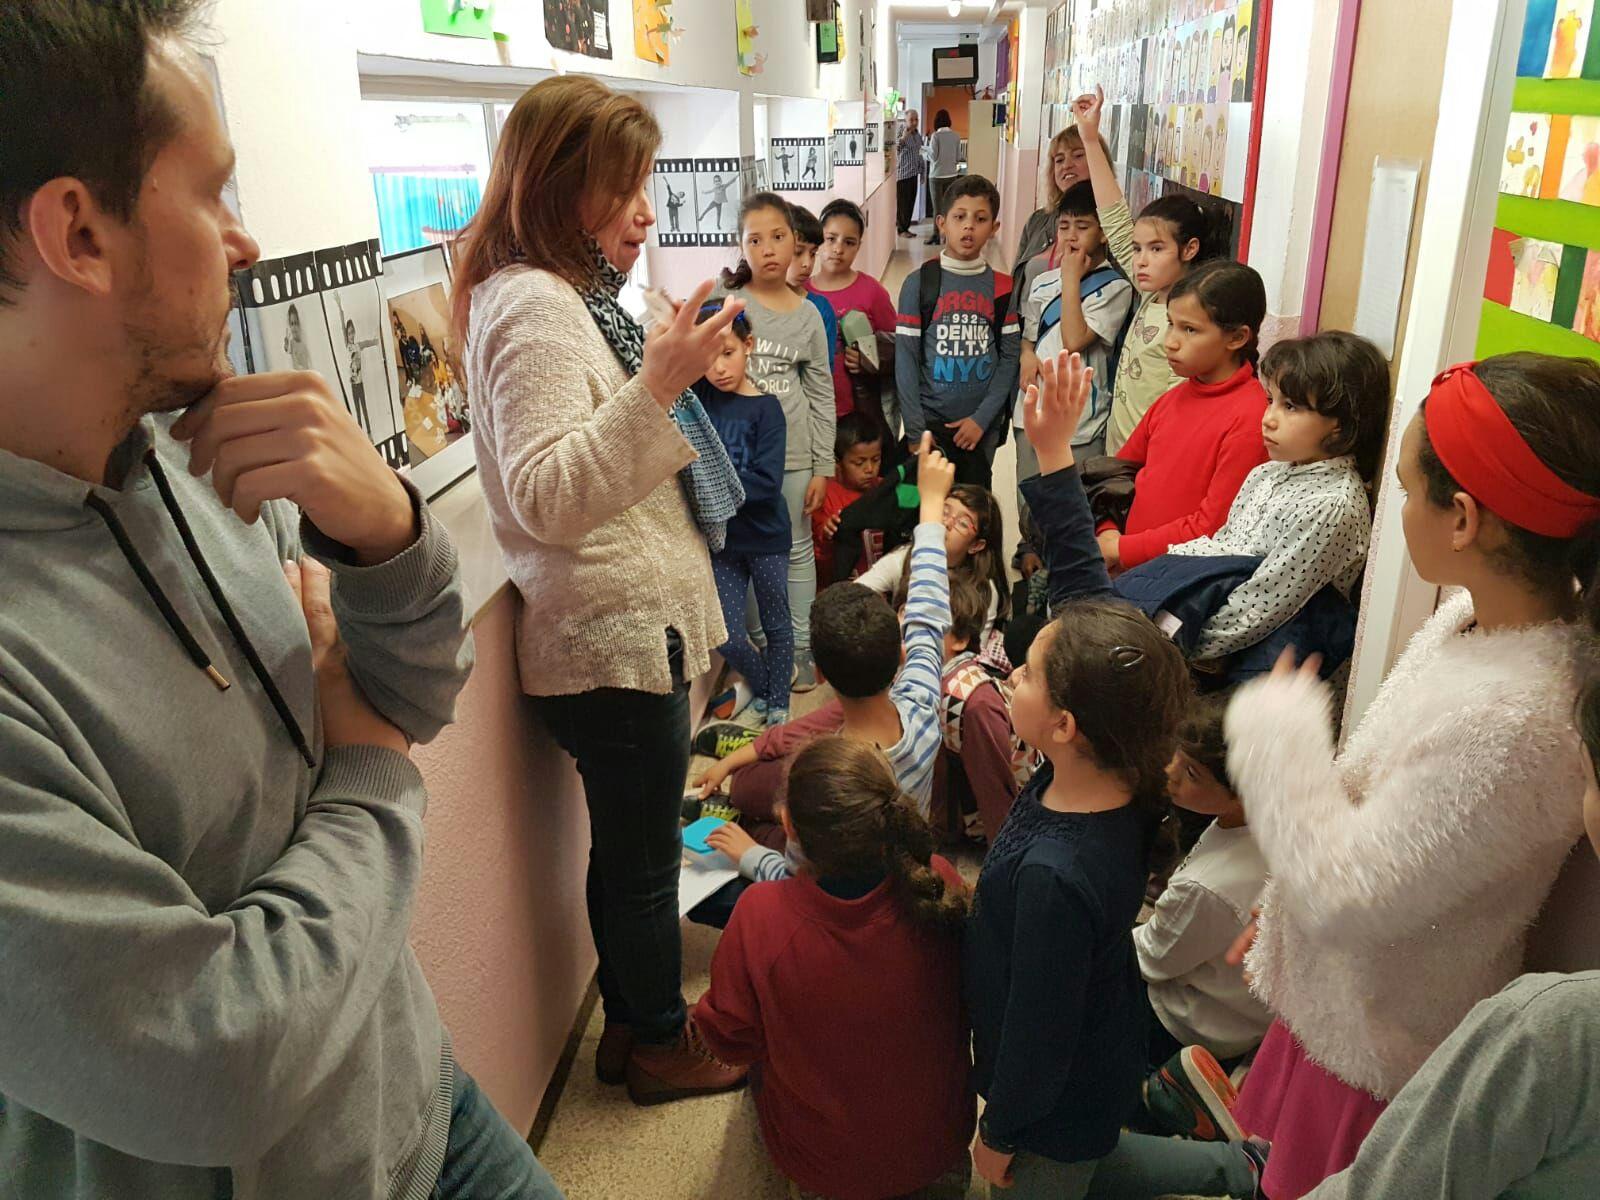 Exposició DONES a l'escola Marinada de Montornés